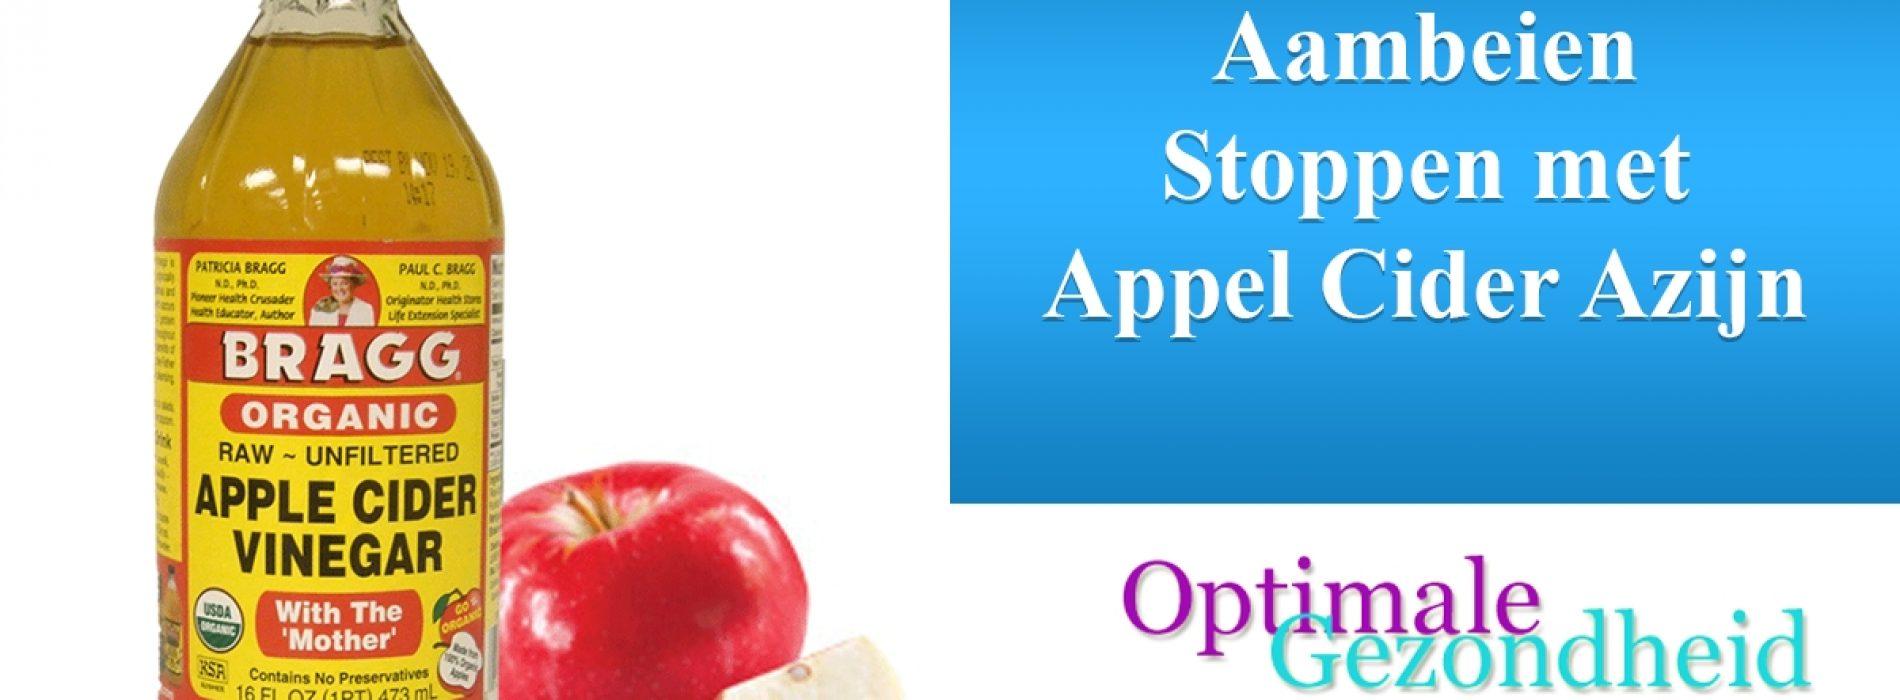 Natuurijke Aambeien Remedie: Appel Cider Azijn